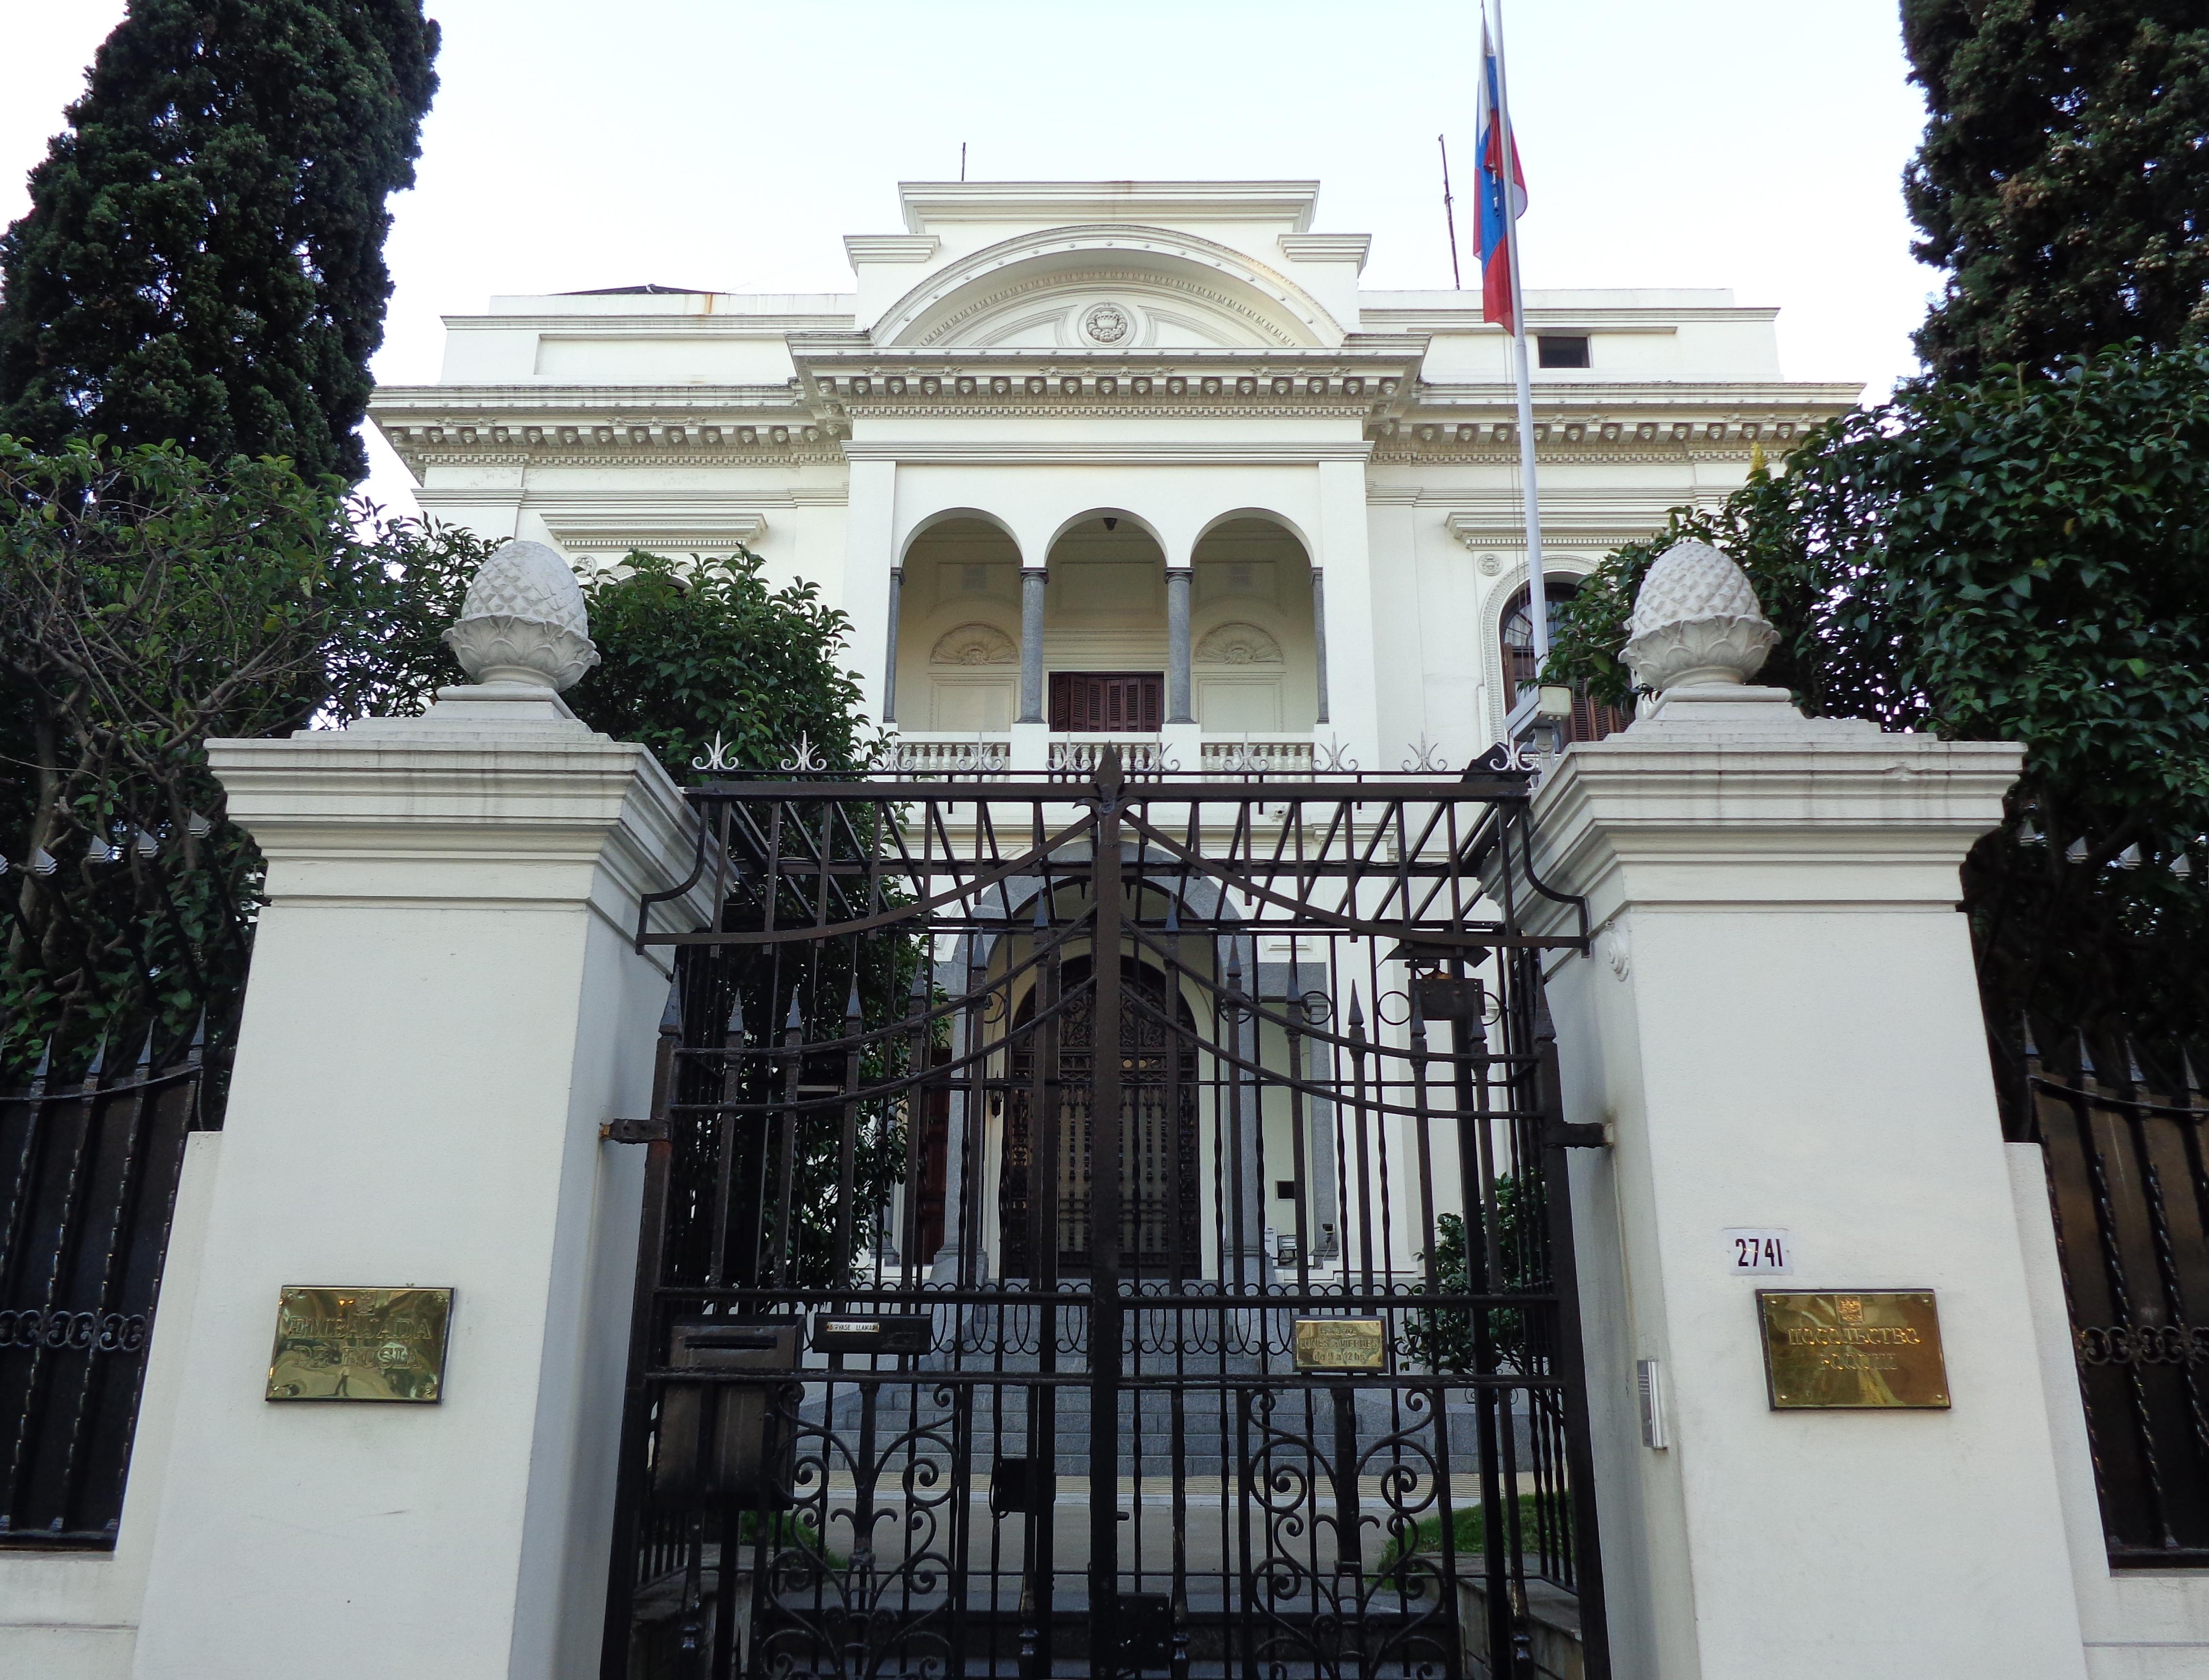 Sacar cita medico murcia blog - Consulado argentino en madrid telefono ...